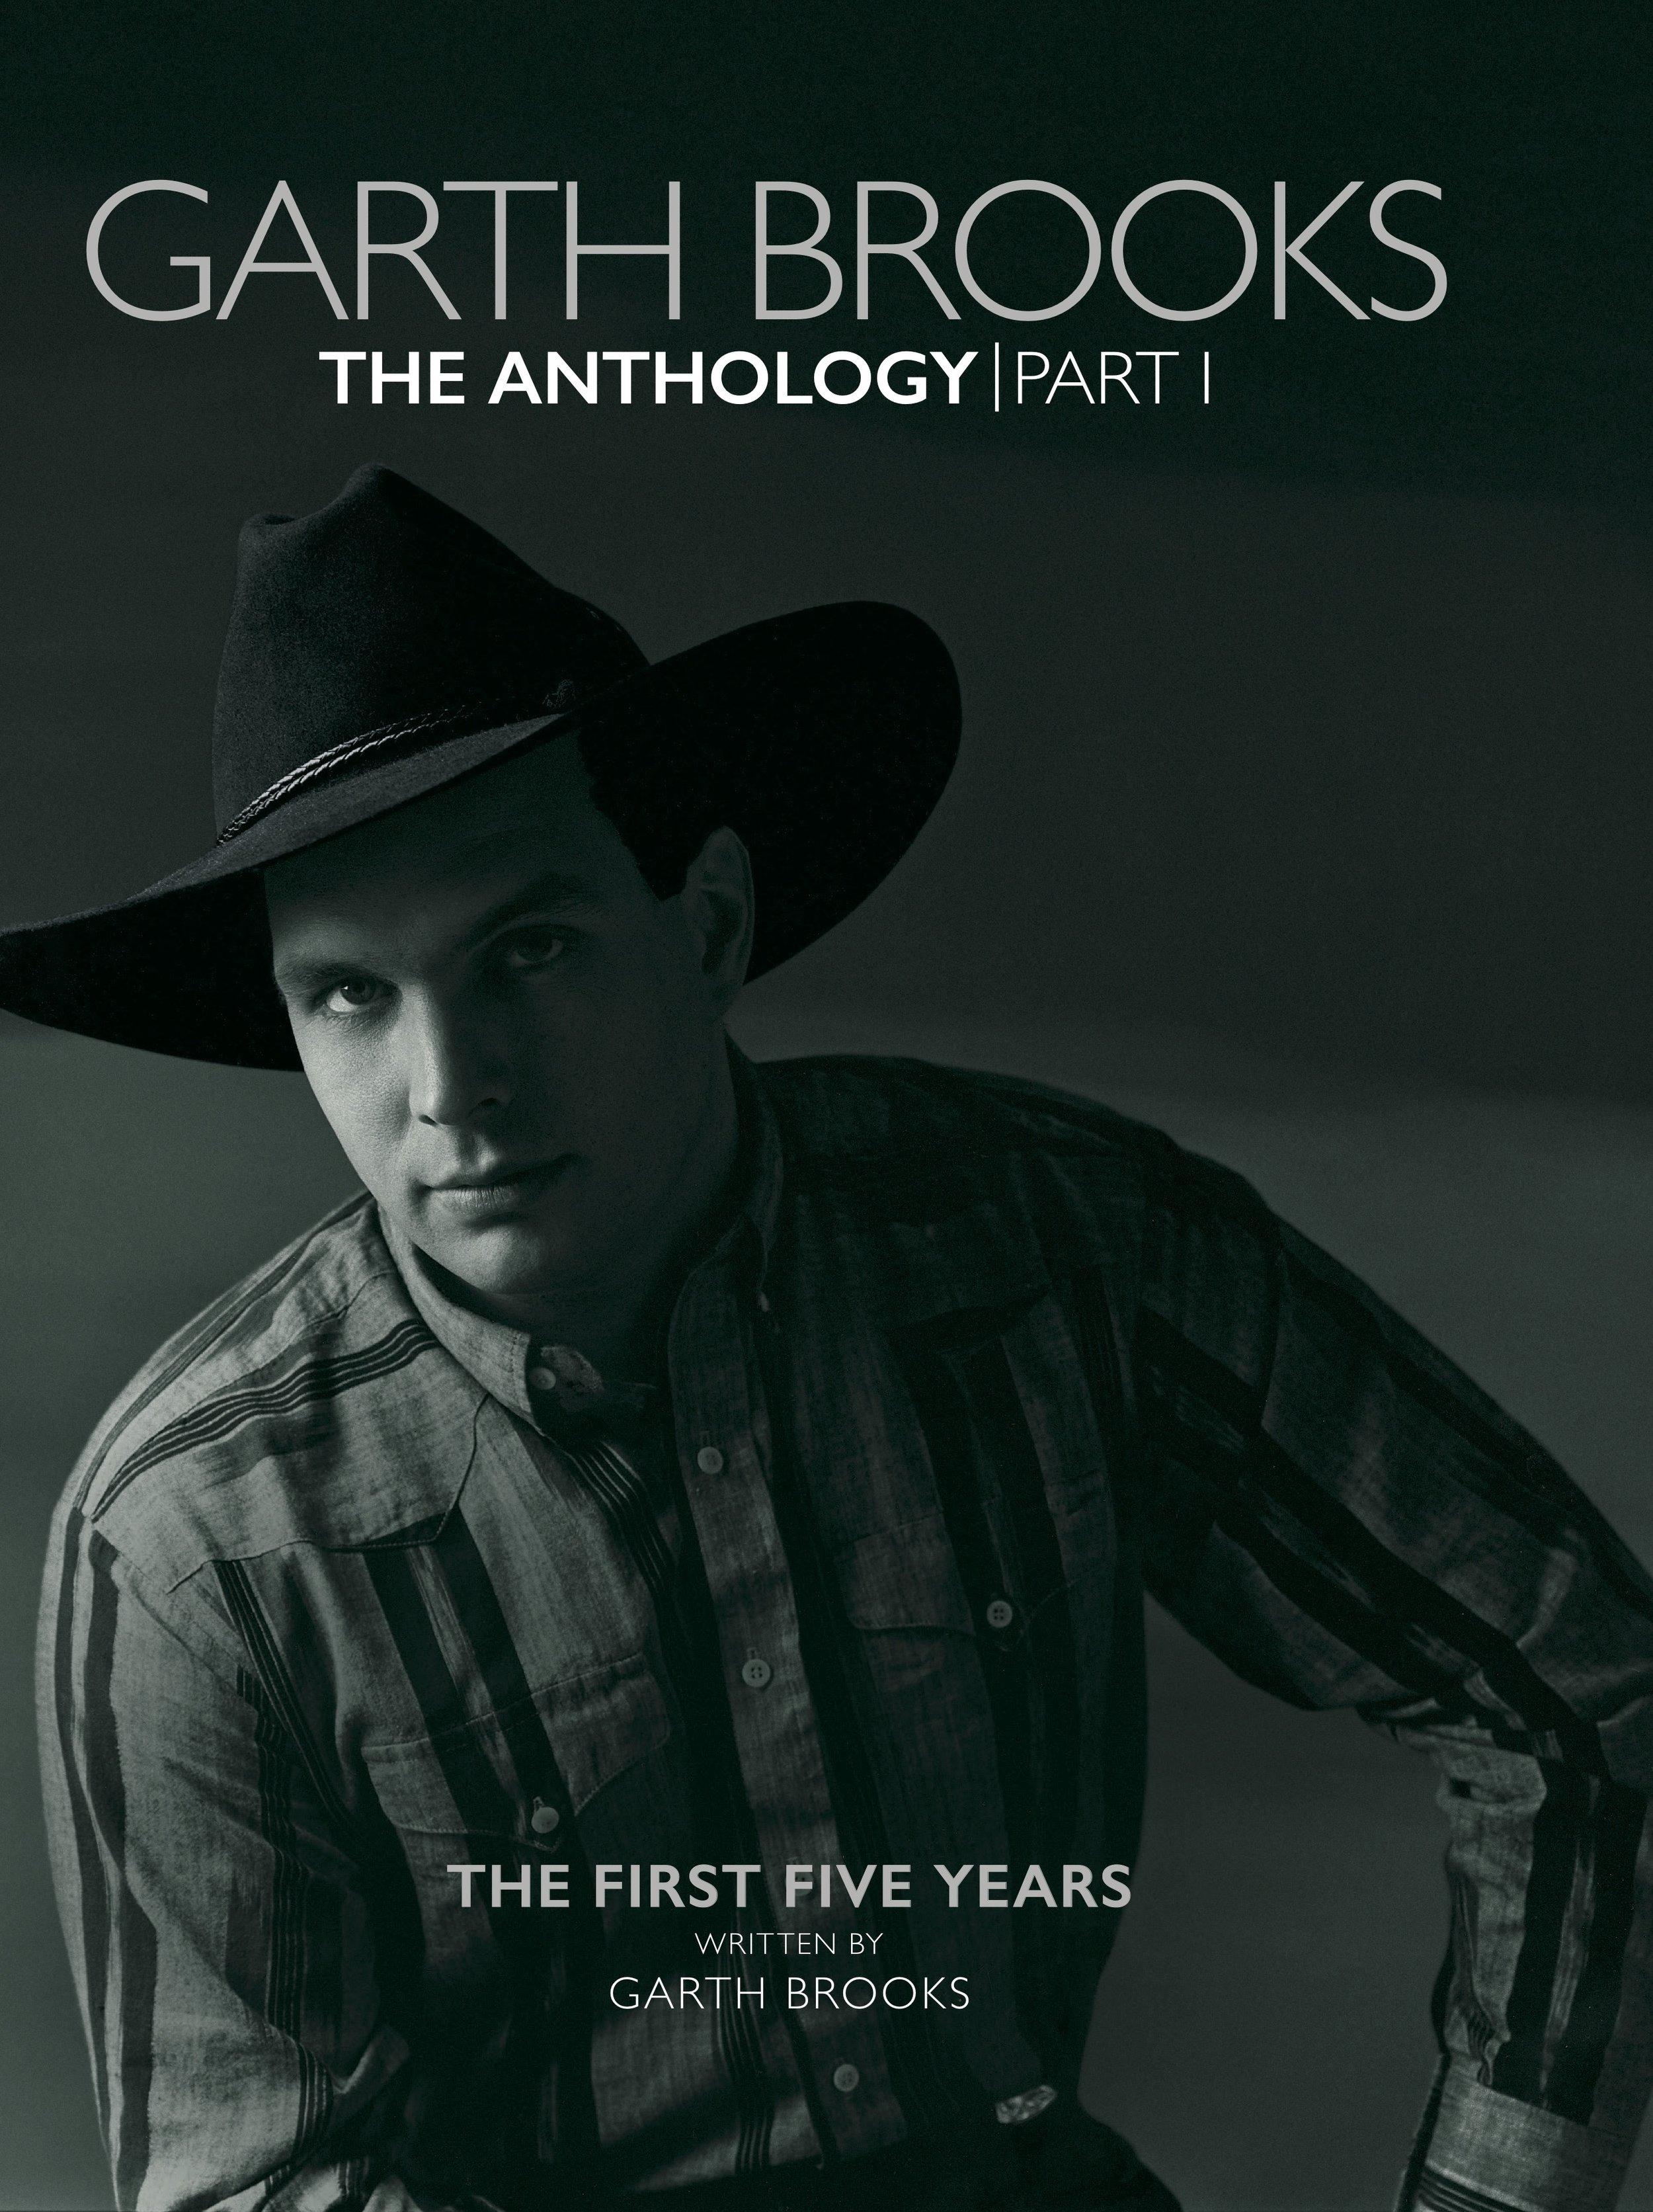 The Garth Brooks Anthology: Part I